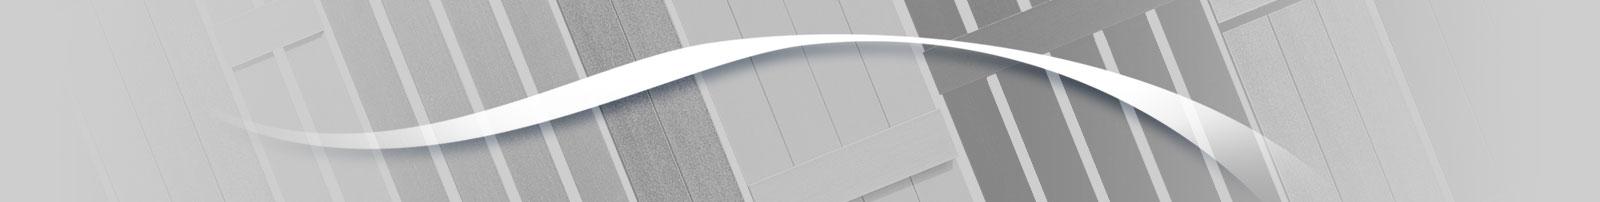 Custom vinyl board and batten shutters